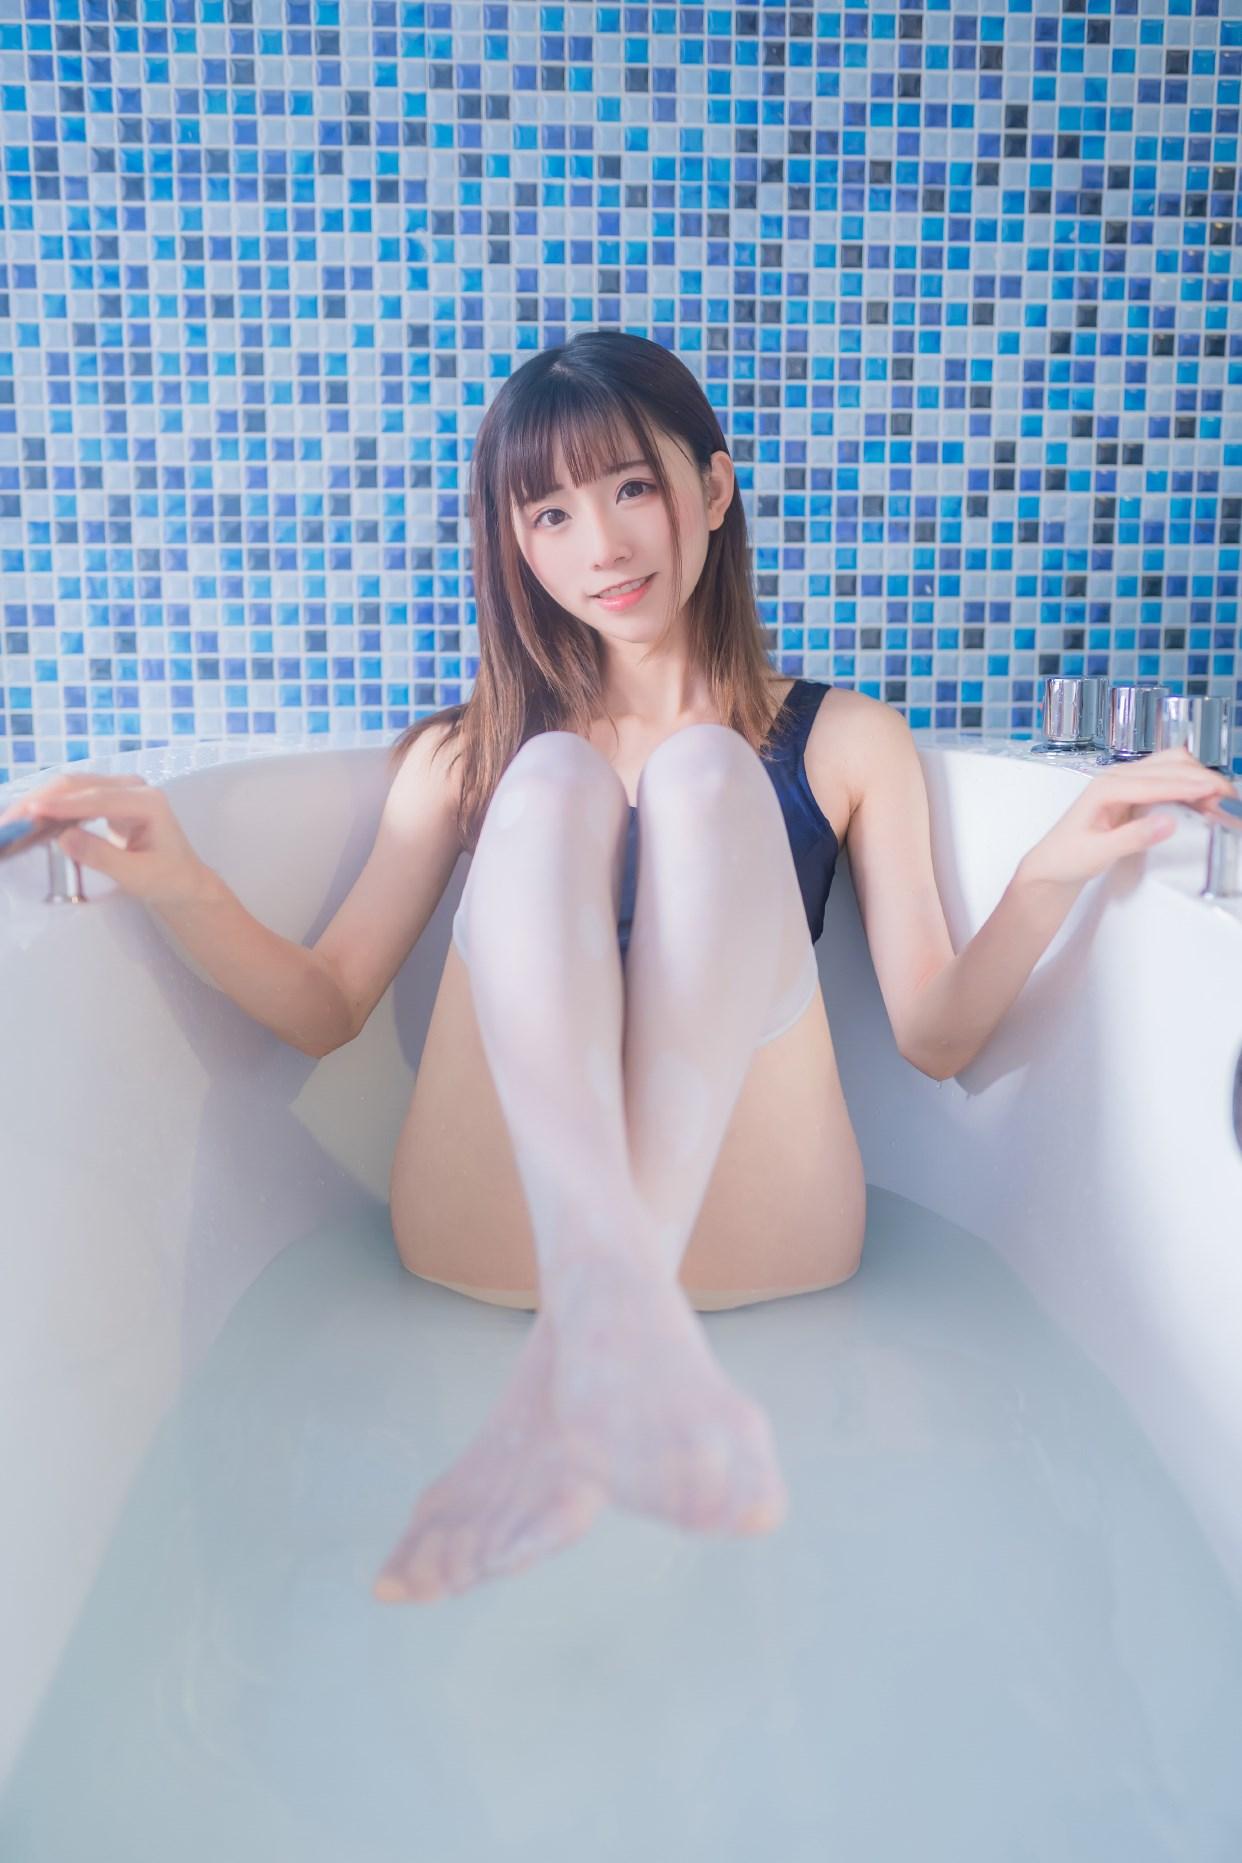 【兔玩映画】vol.18-浴室里 兔玩映画 第36张